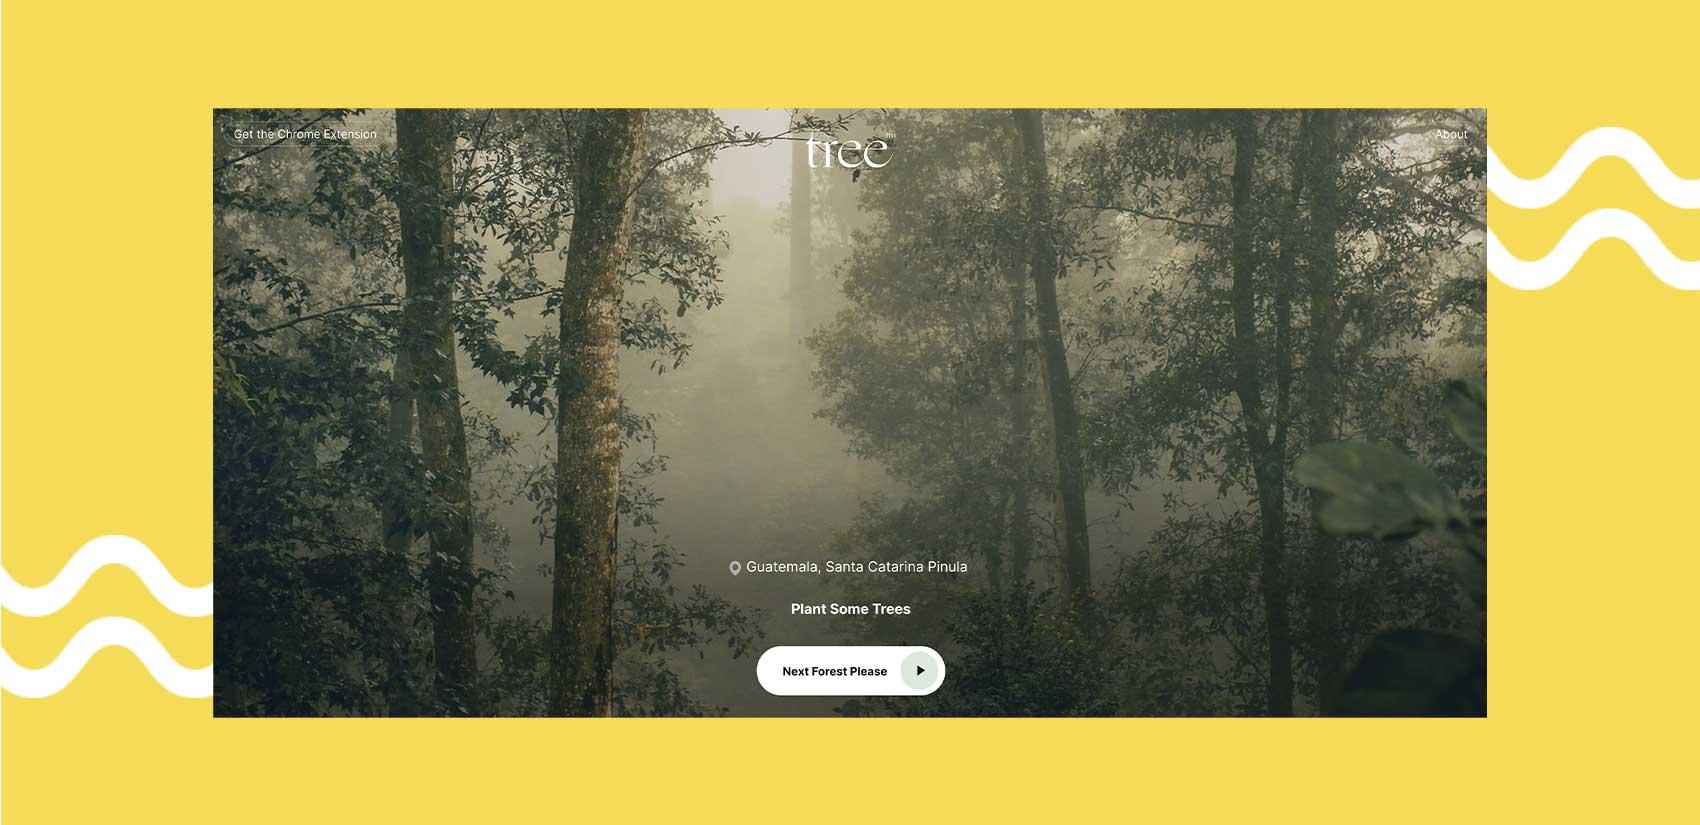 tree-audio-nouvelle-vague